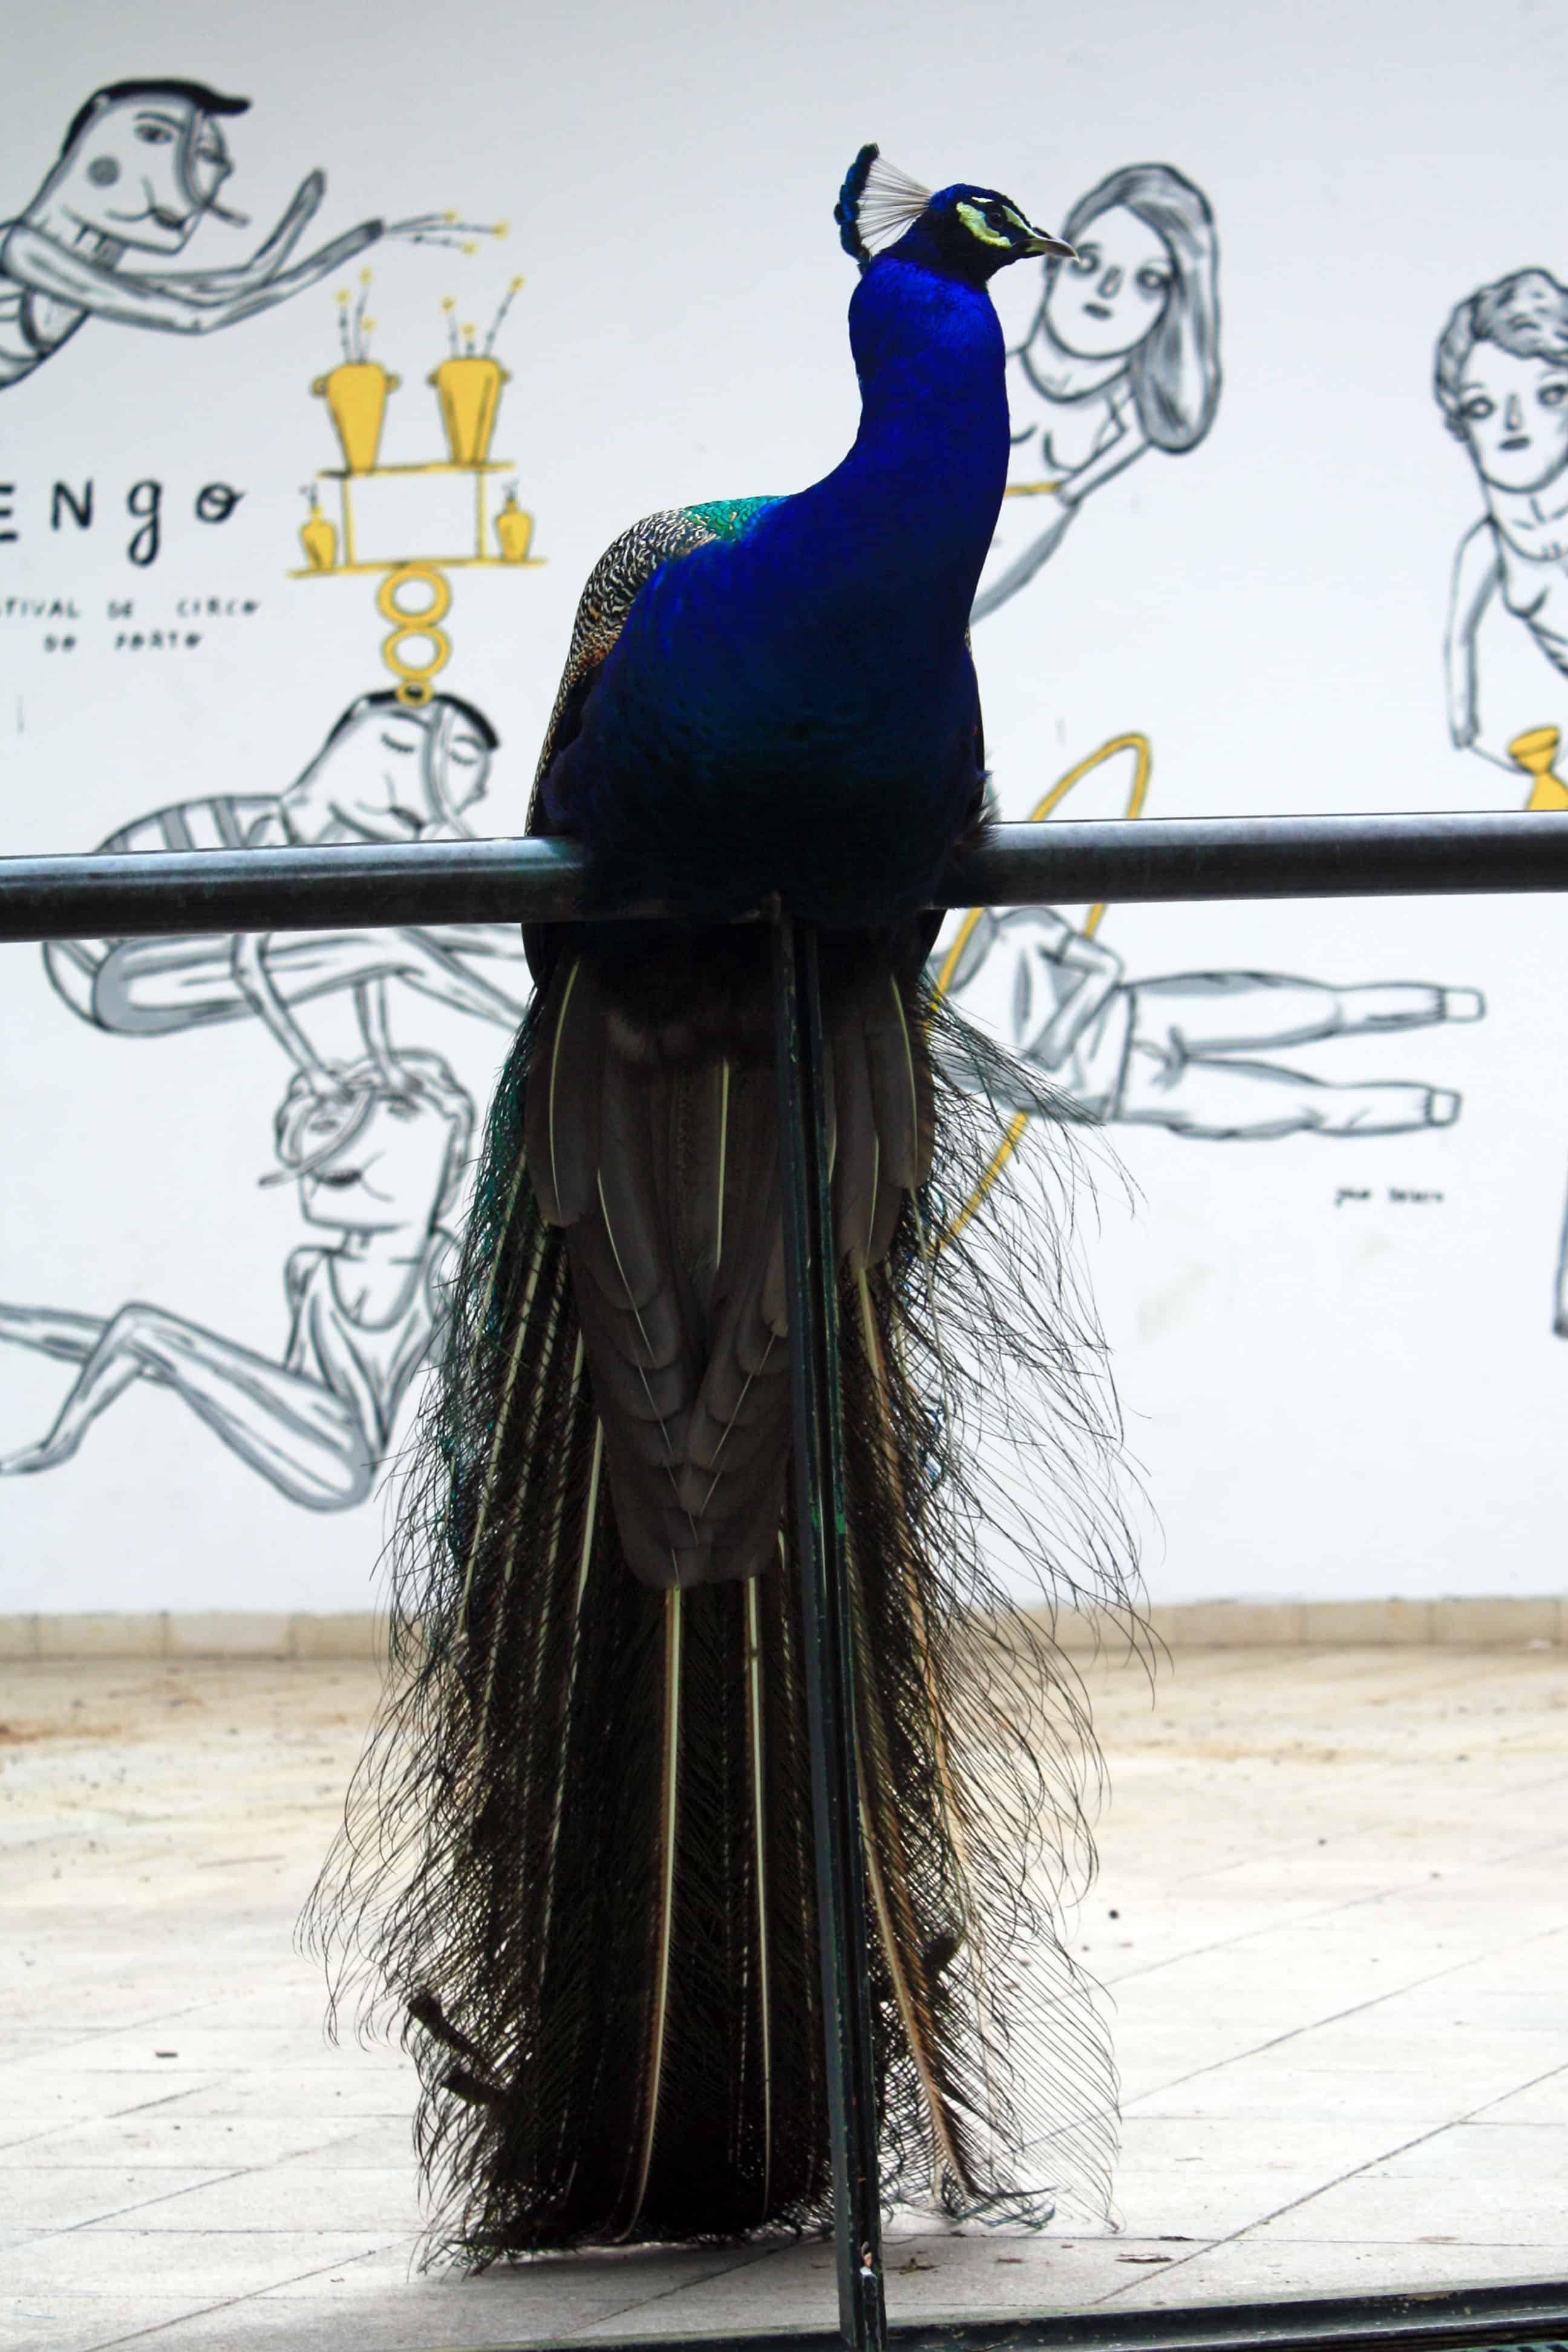 Peacock in Jardins do Palácio de Cristal, Porto